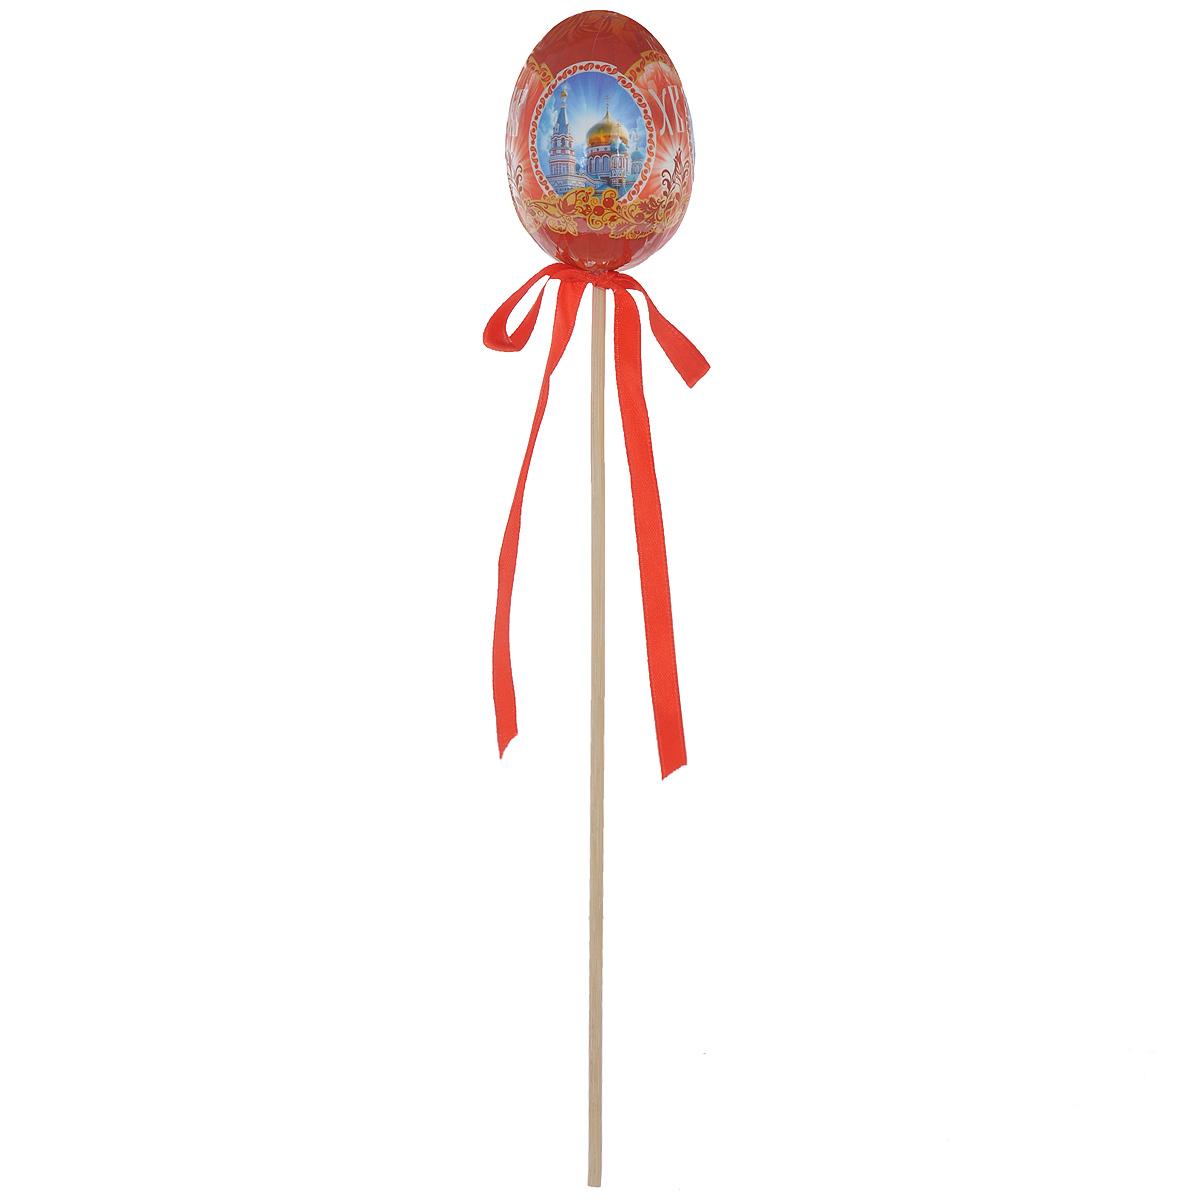 Декоративное украшение на ножке Home Queen Храмы, цвет: красный, высота 26 смA1484FN-1BNДекоративное украшение Home Queen Храмы выполнено из пластика в виде пасхального яйца на деревянной ножке, декорированного изображениями храмов. Изделие украшено текстильной лентой. Такое украшение прекрасно дополнит подарок для друзей или близких. Высота: 26 см. Размер яйца: 6,5 см х 4,5 см.